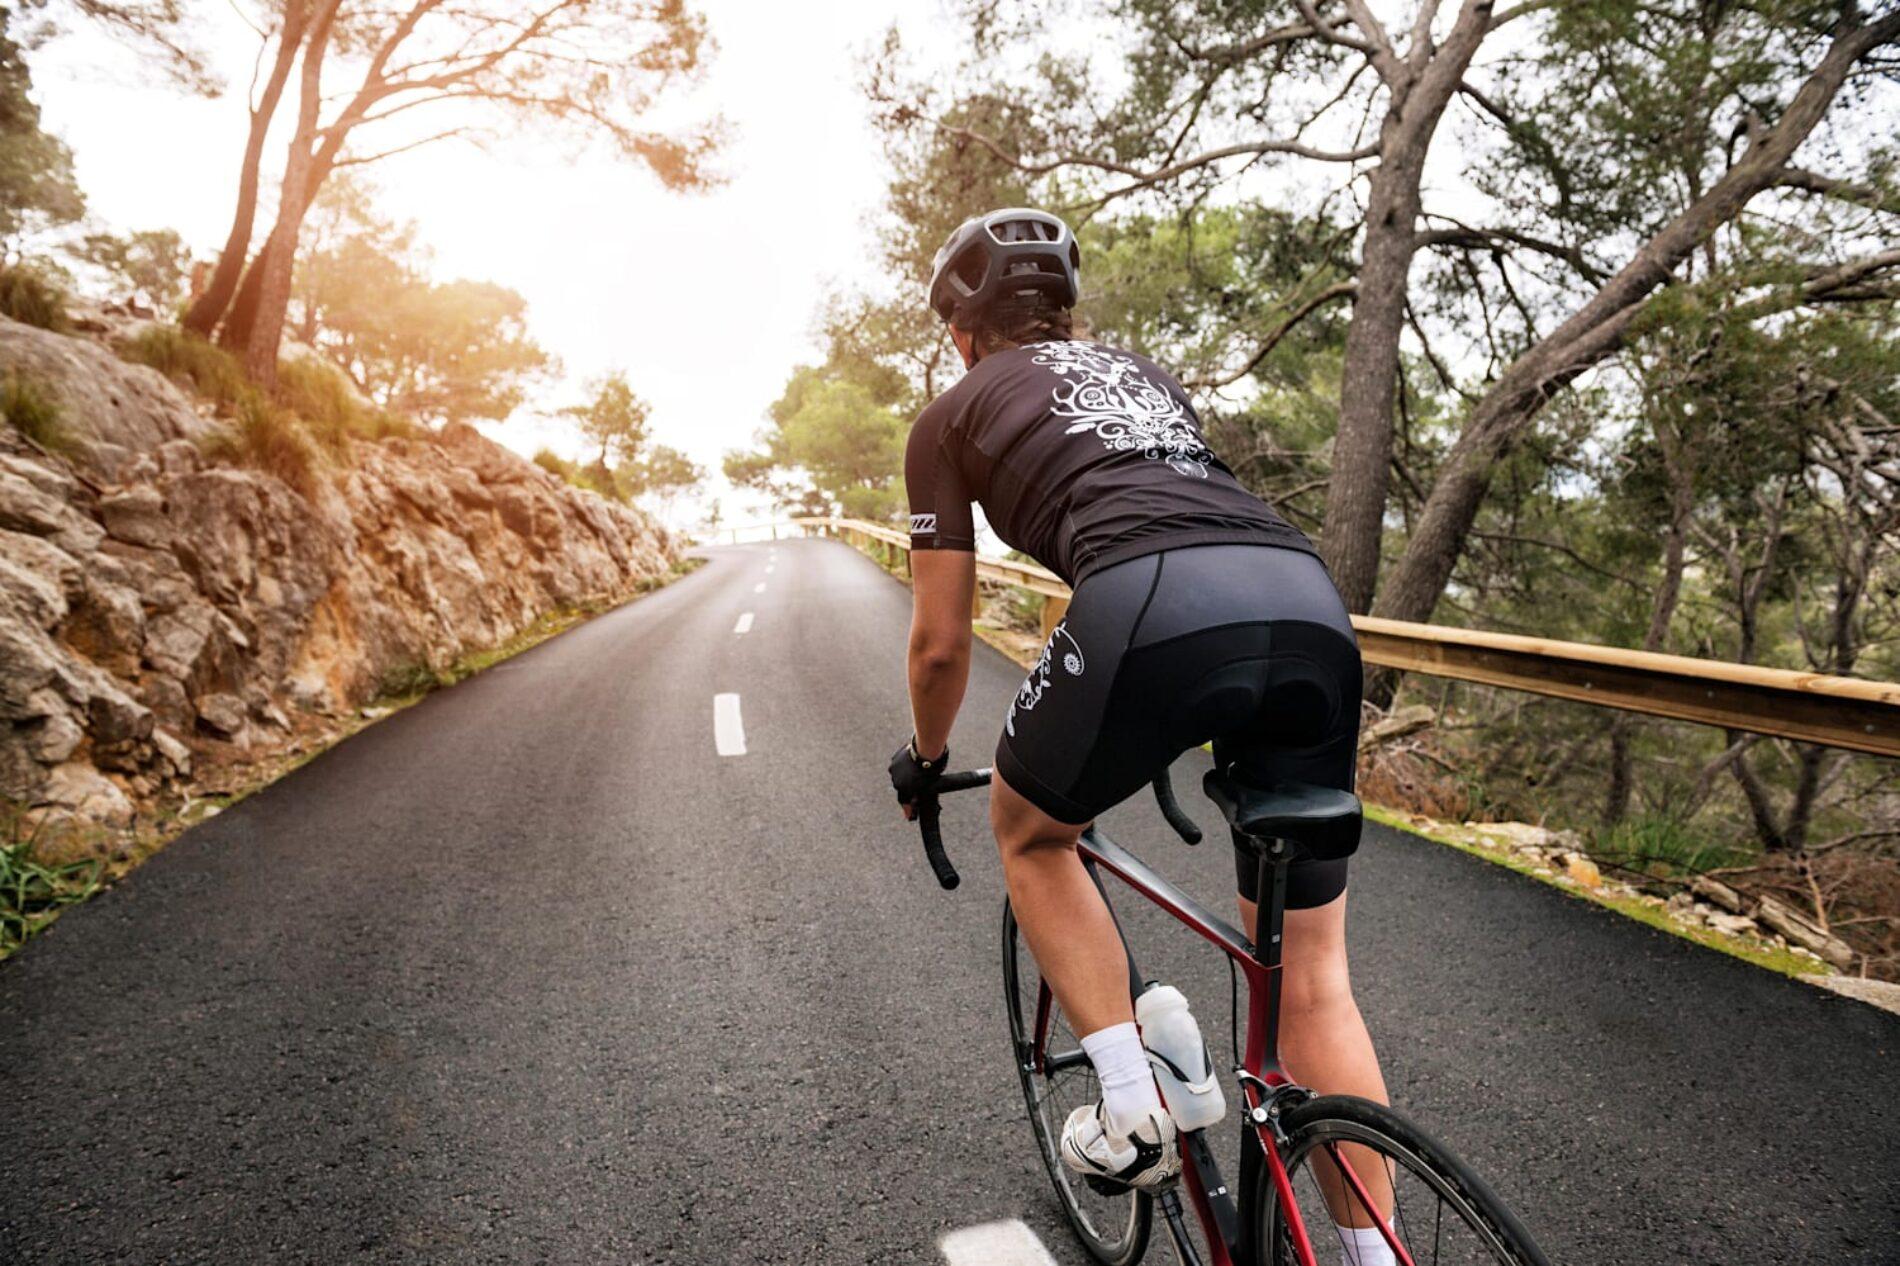 Recomendaciones para iniciar o reanudar la práctica del ciclismo